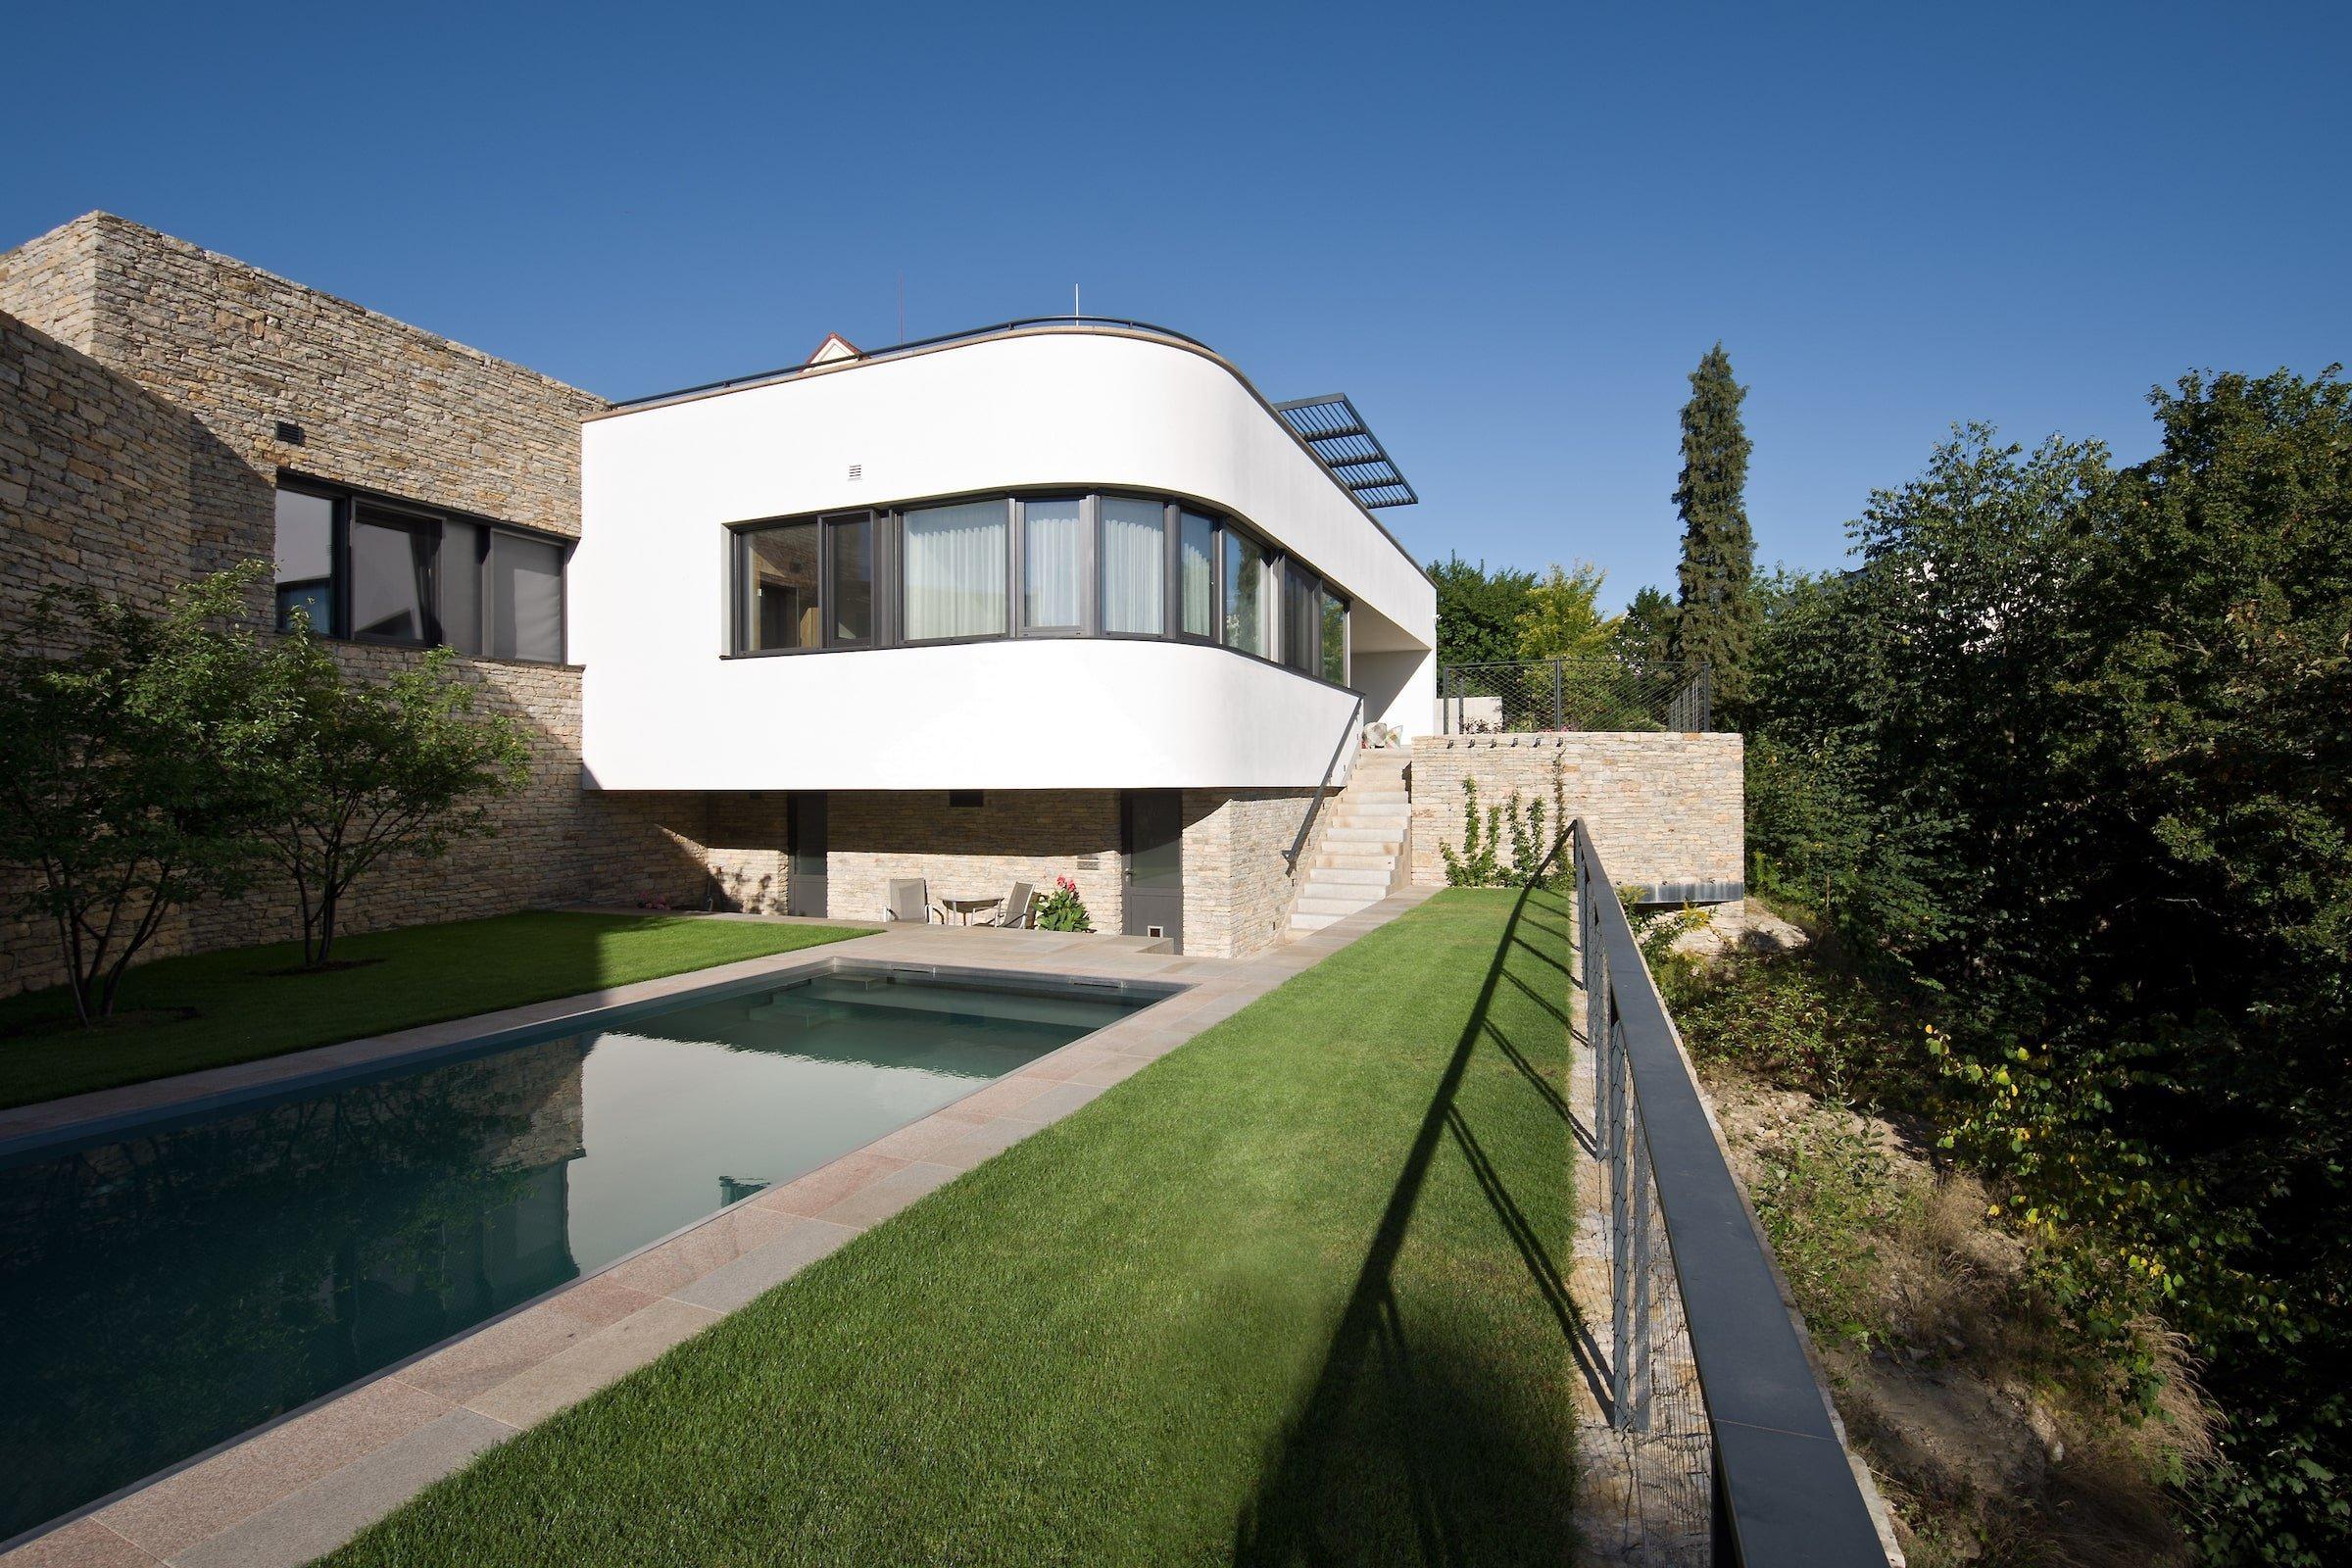 Krásný výhled do okolní krajiny a dostatečné soukromí se leckdy vyrovnají vyšší ceně za stavbu domu, jestliže se jedná o pozemek, na kterém je výstavba podstatně složitější a tím pádem i nákladnější – například kvůli svahu nebo celkové nerovinně. Jedním z projektů, kde se investice vyplatila, je tato funkcionalistická vila, která nadchne exteriérem i interiérem.